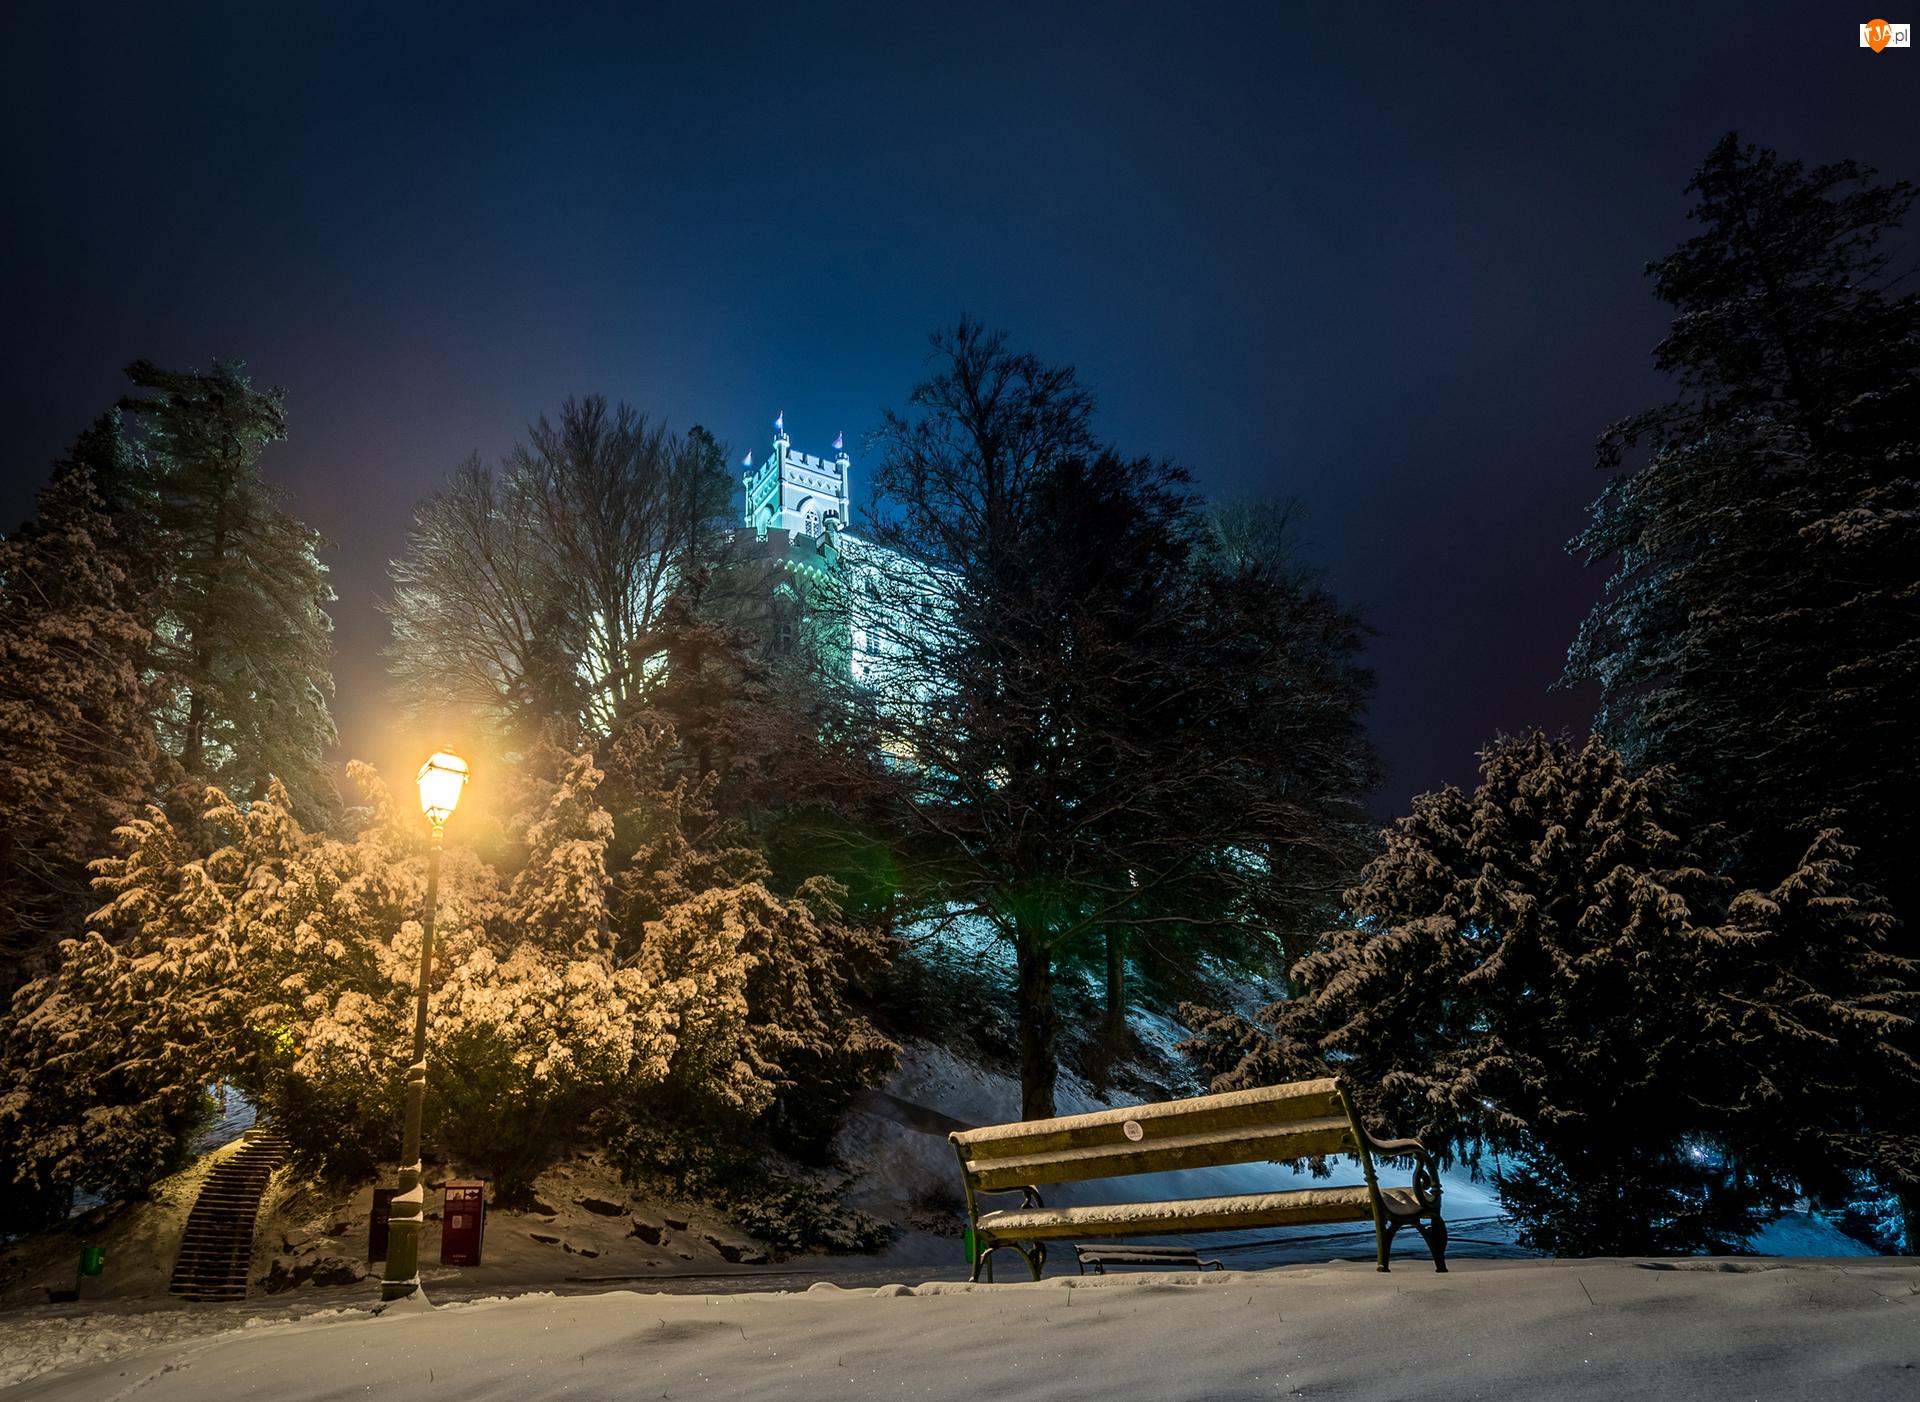 Drzewa, Zamek Trakoscan, Noc, Ławka, Chorwacja, Park, Latarnia, Zima